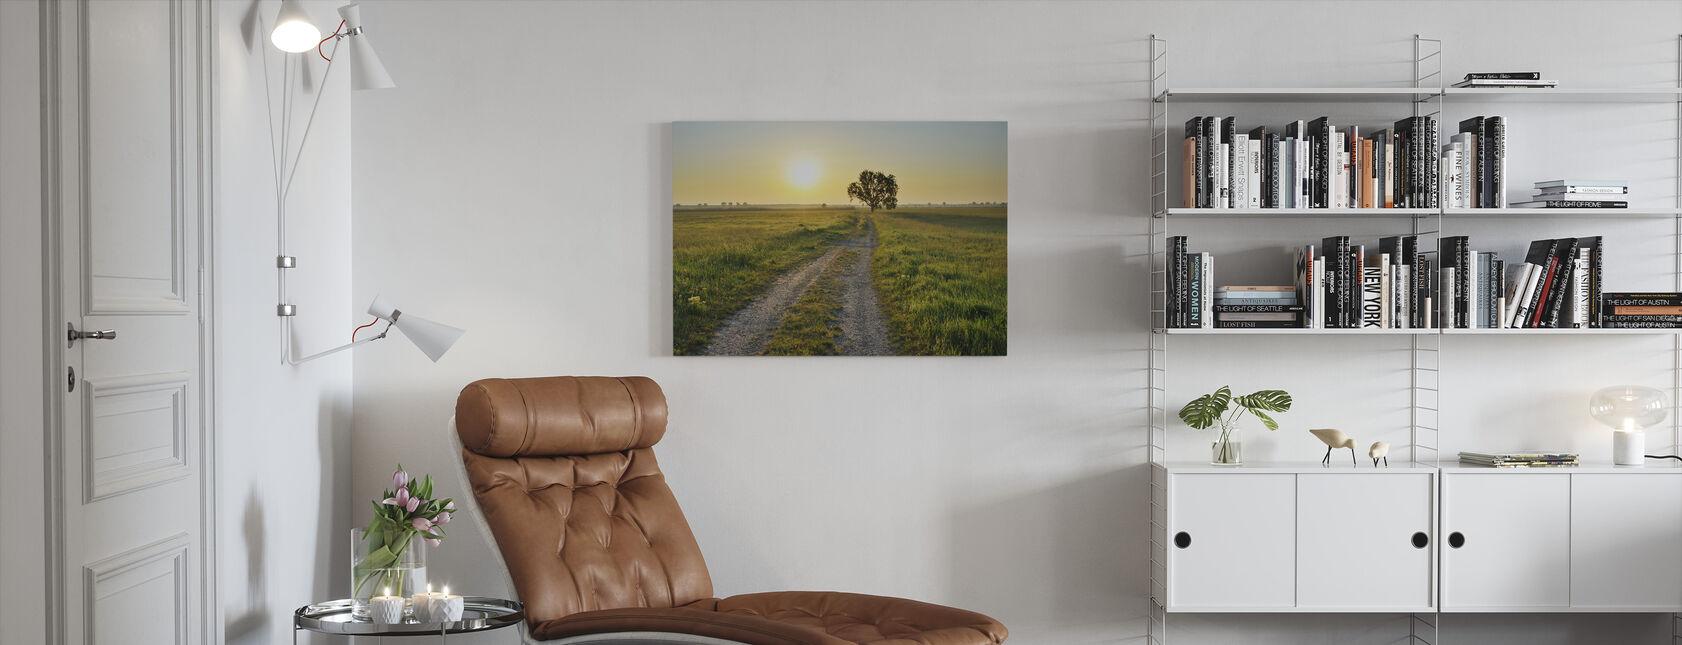 Inspirerande väg - Canvastavla - Vardagsrum